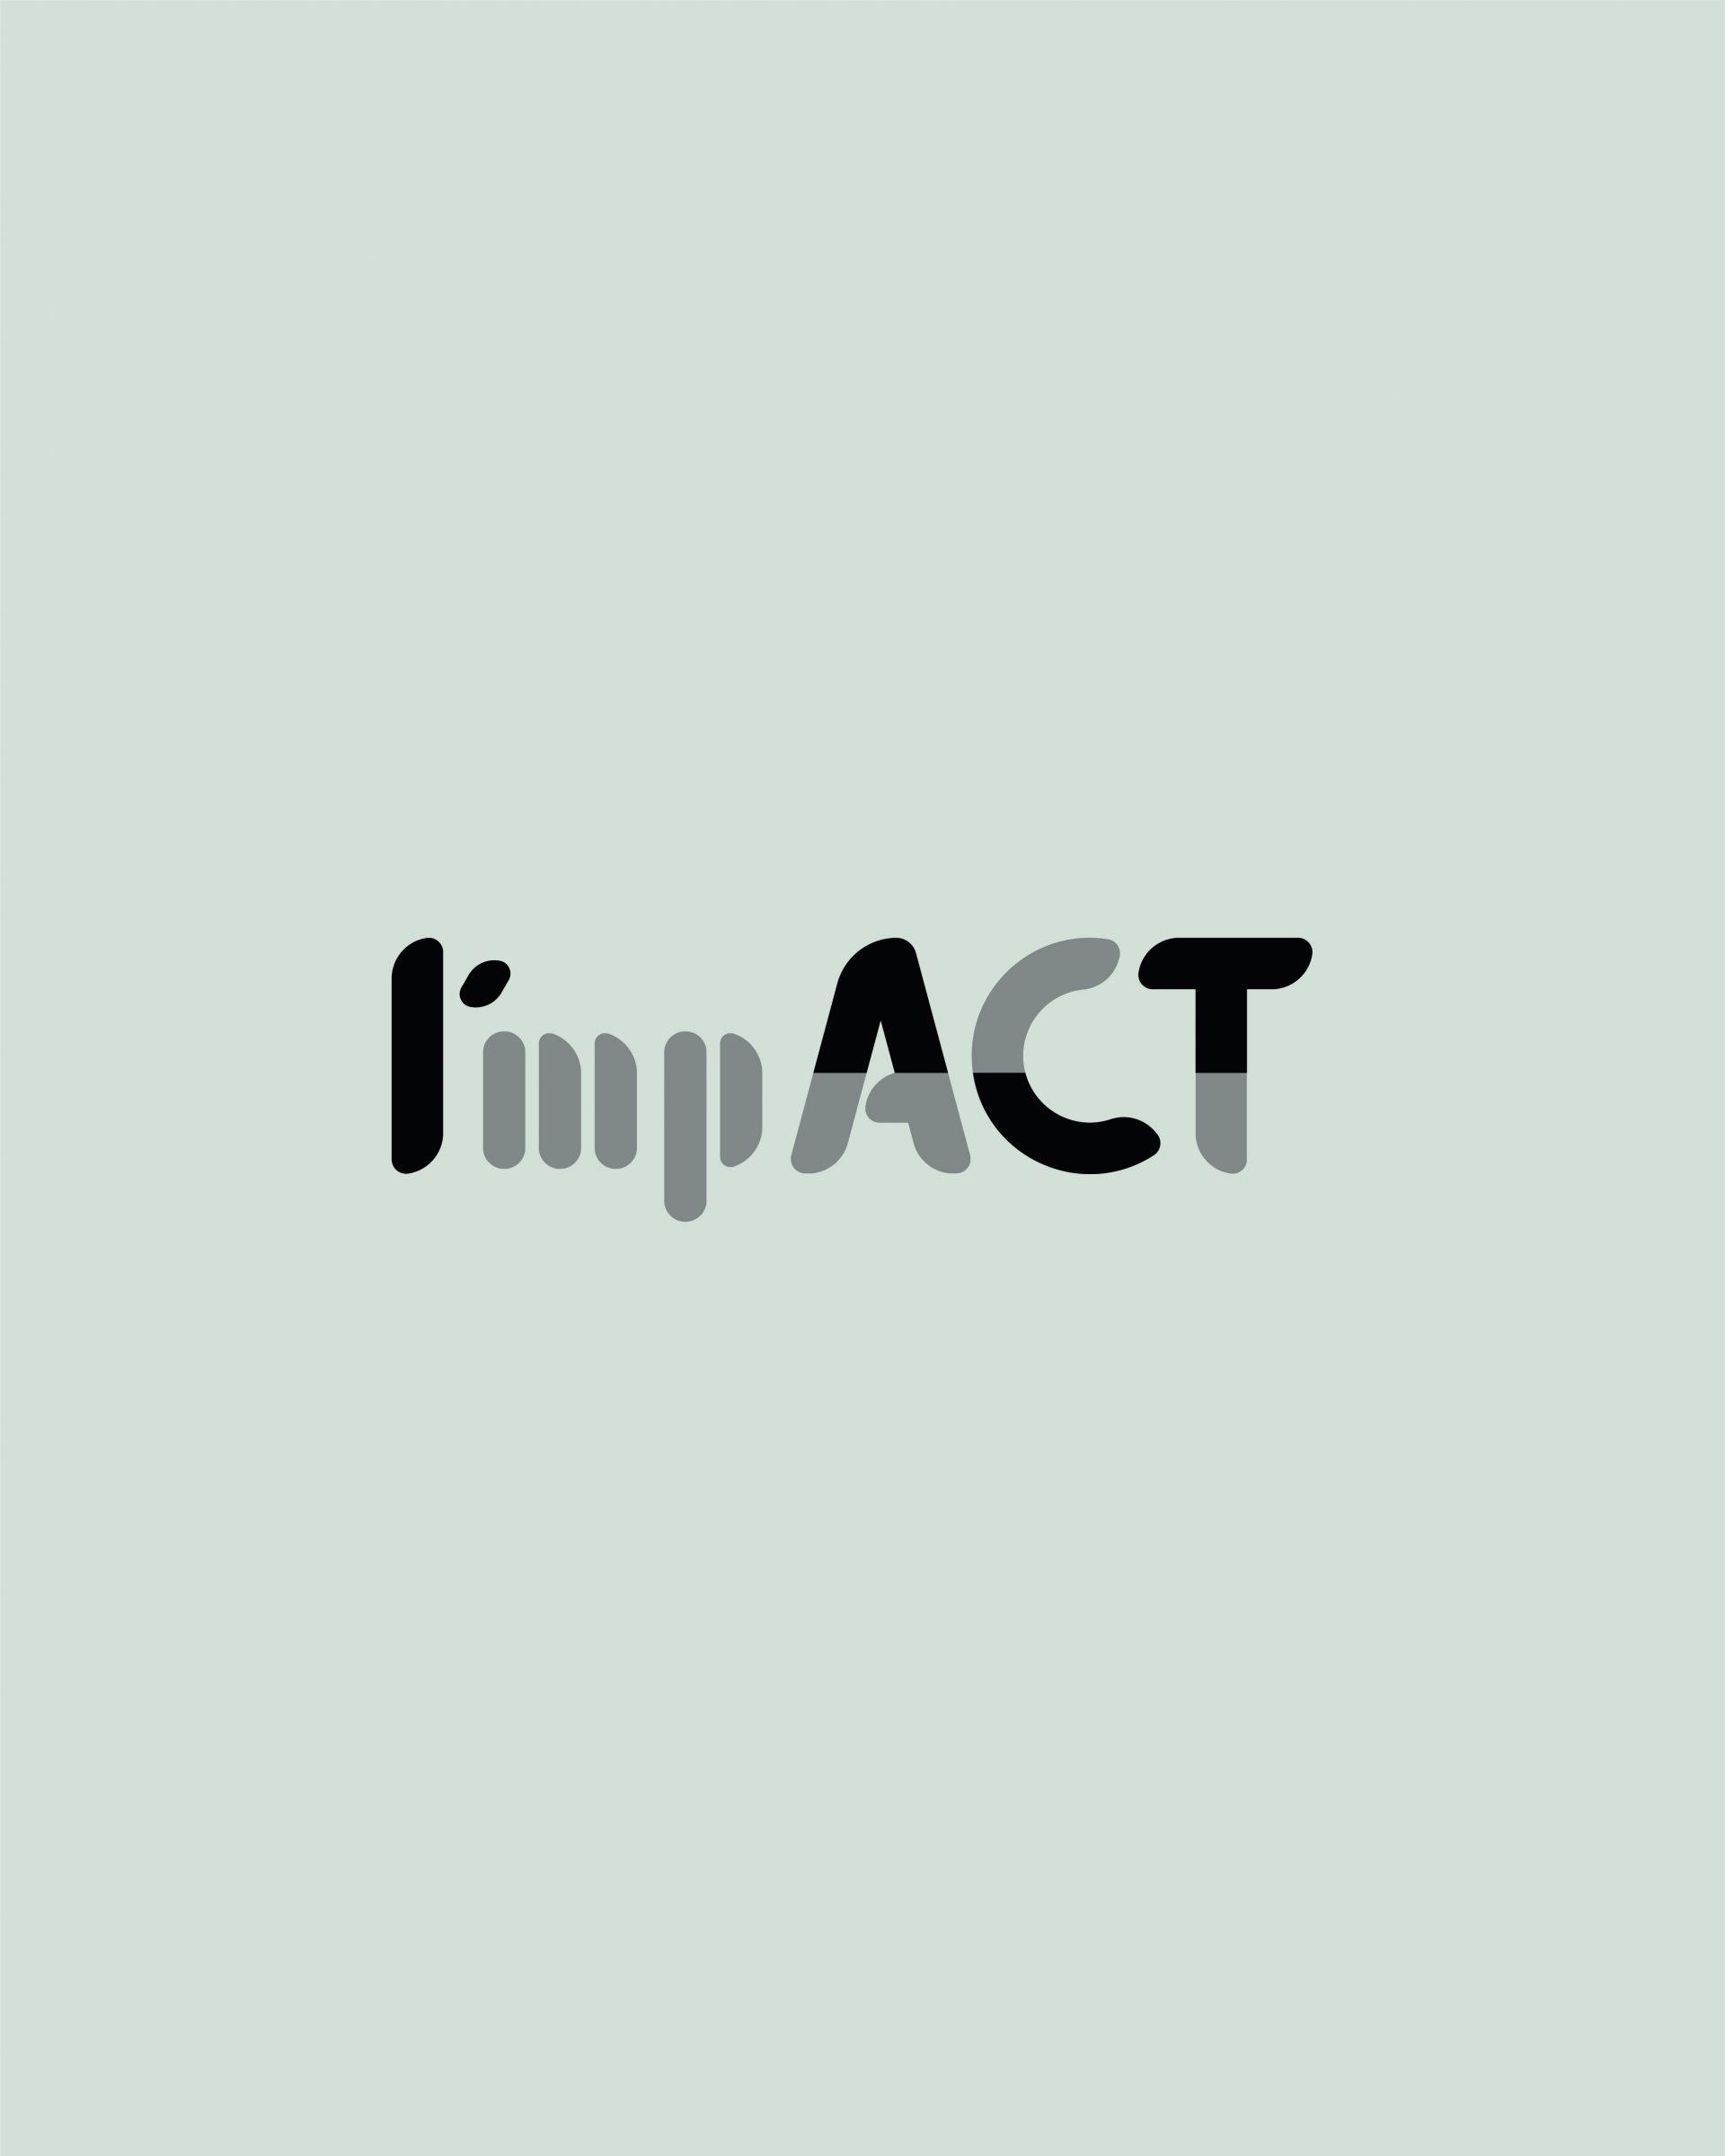 I'mpACT